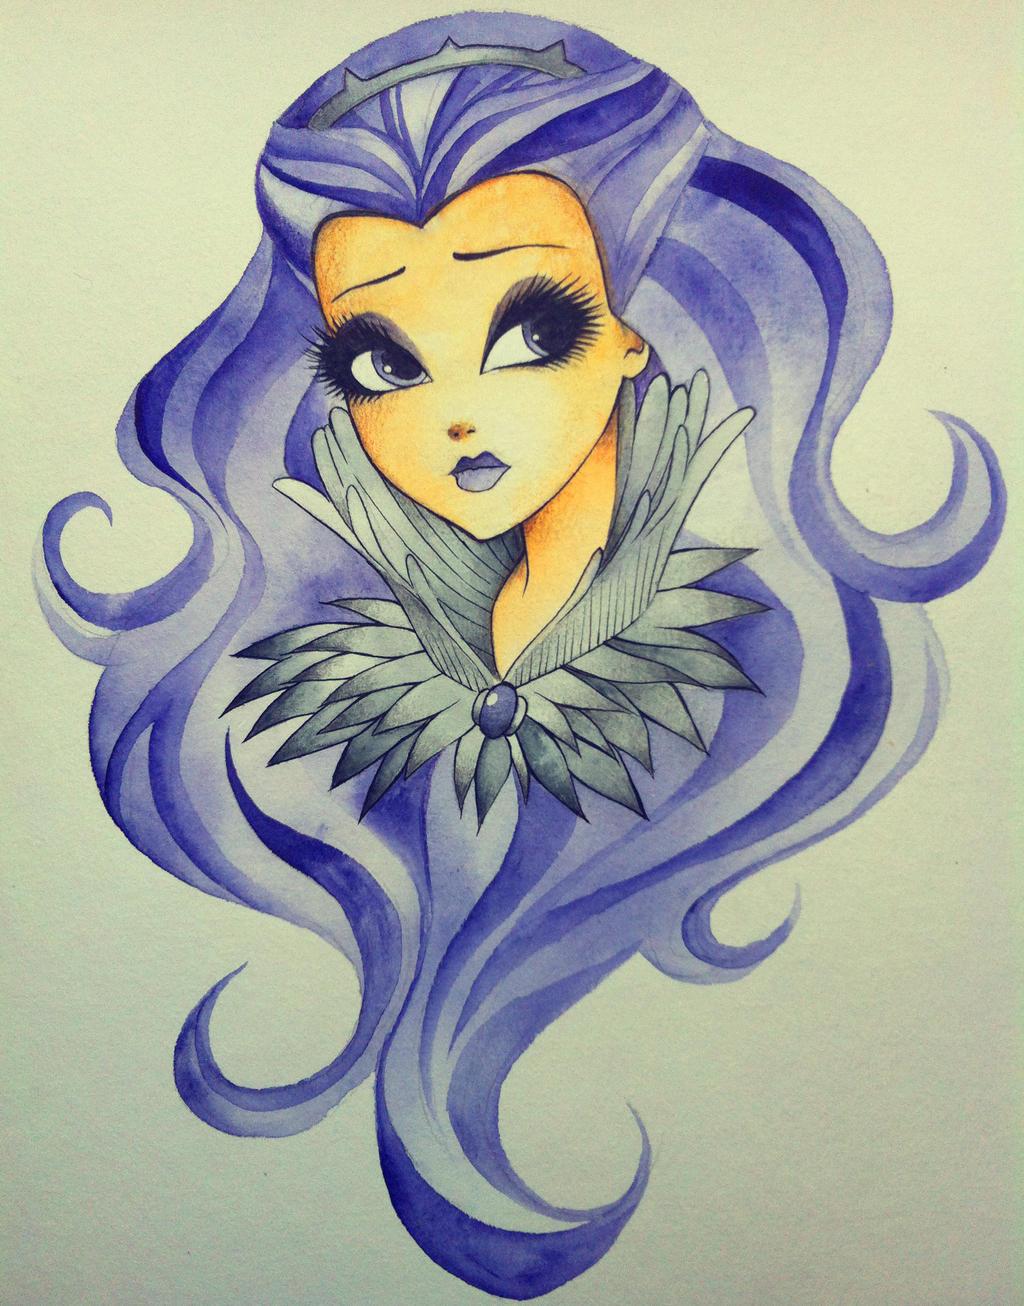 Ravens Destiny by DavidLaohjumpol